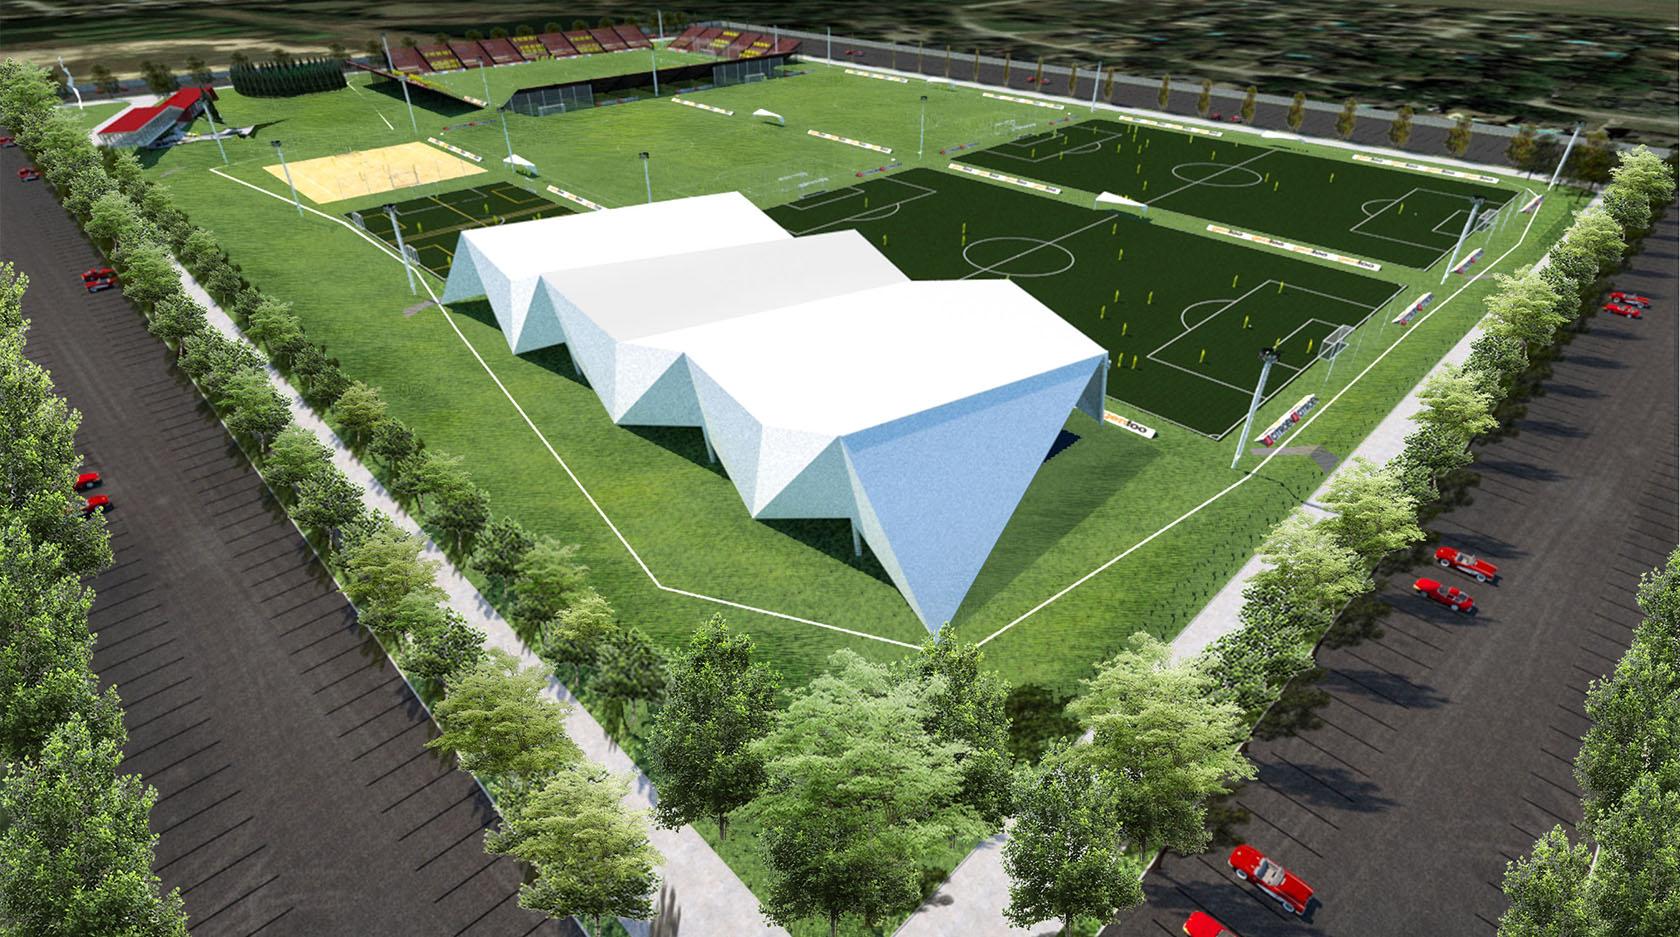 diseño contemporáneo de canchas cubiertas, arquitectura de complejos deportivos, diseño moderno de grandes cubiertas